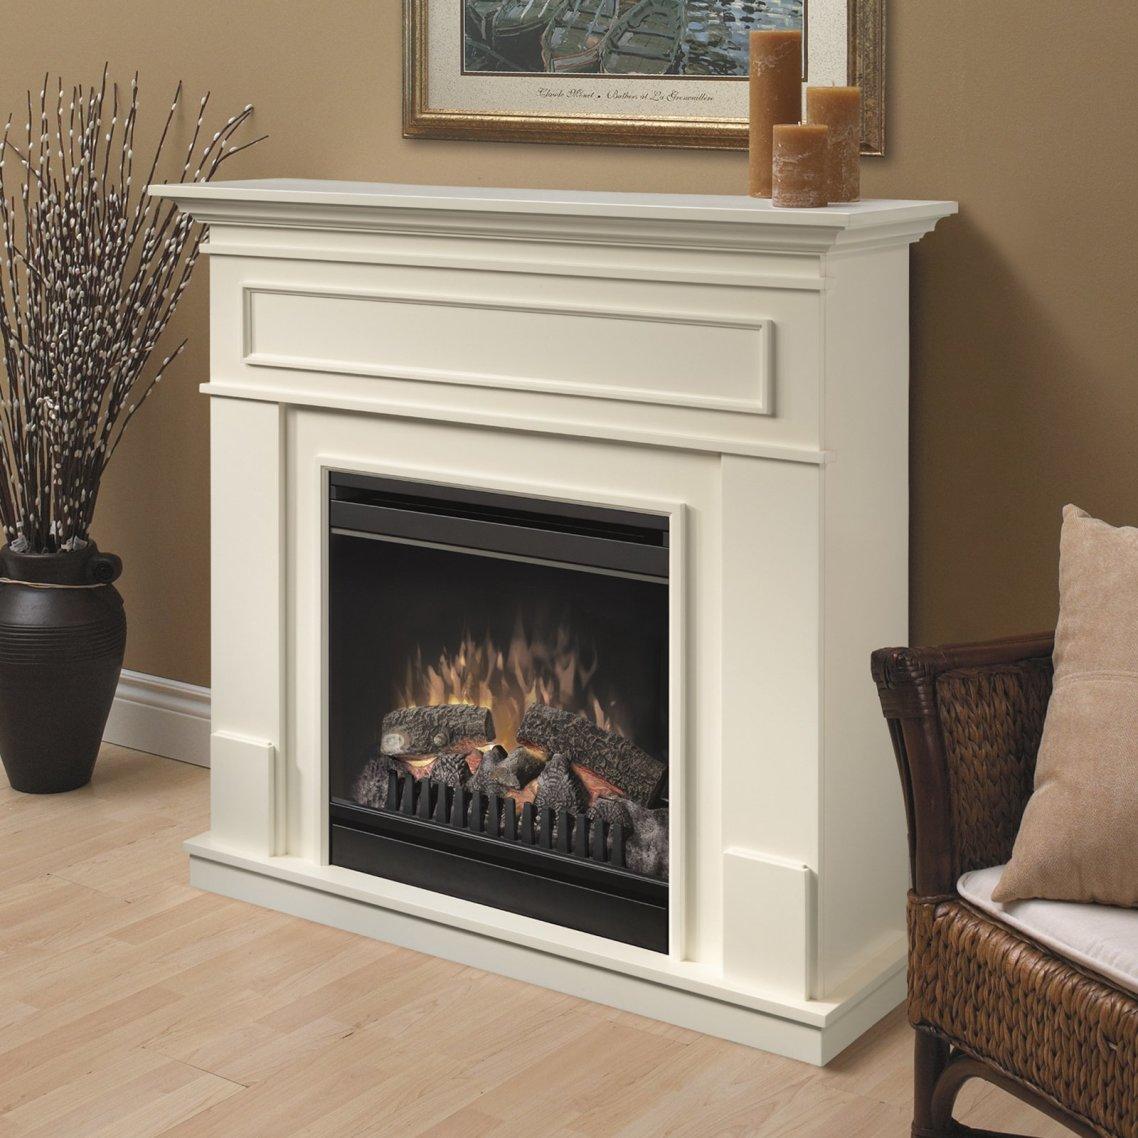 Dimplex Contemporary Electric Fireplace Fireplace Design Ideas